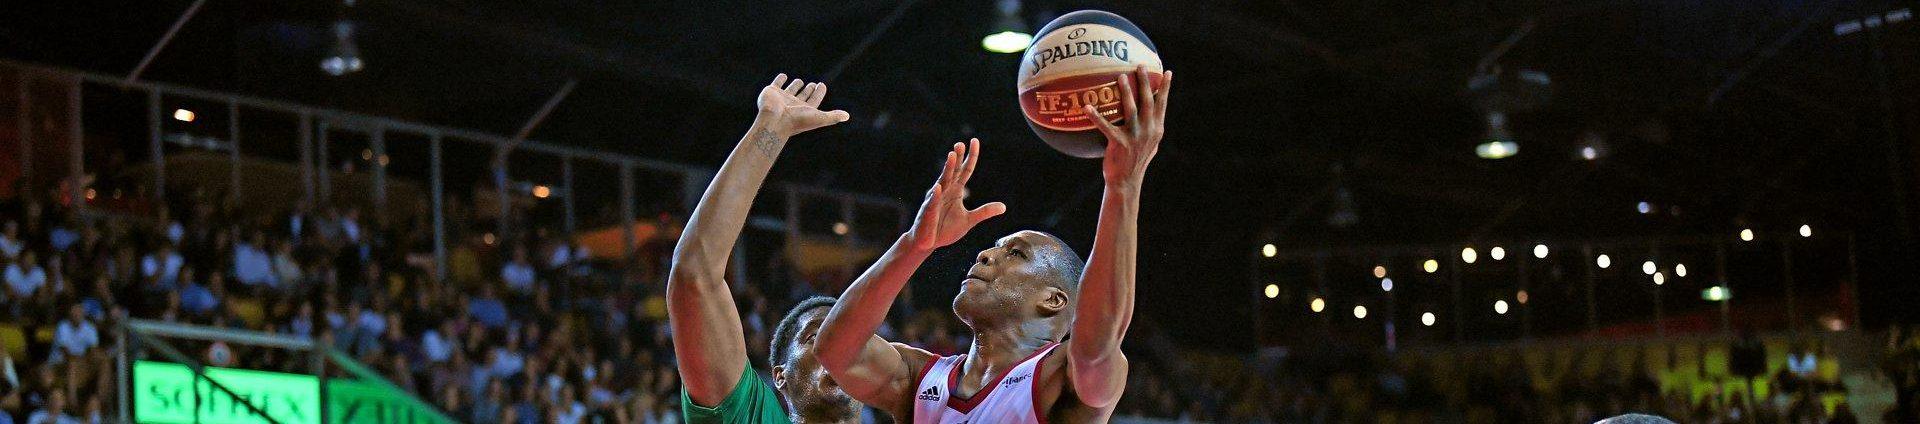 Varennes-Jarcy Basket Club